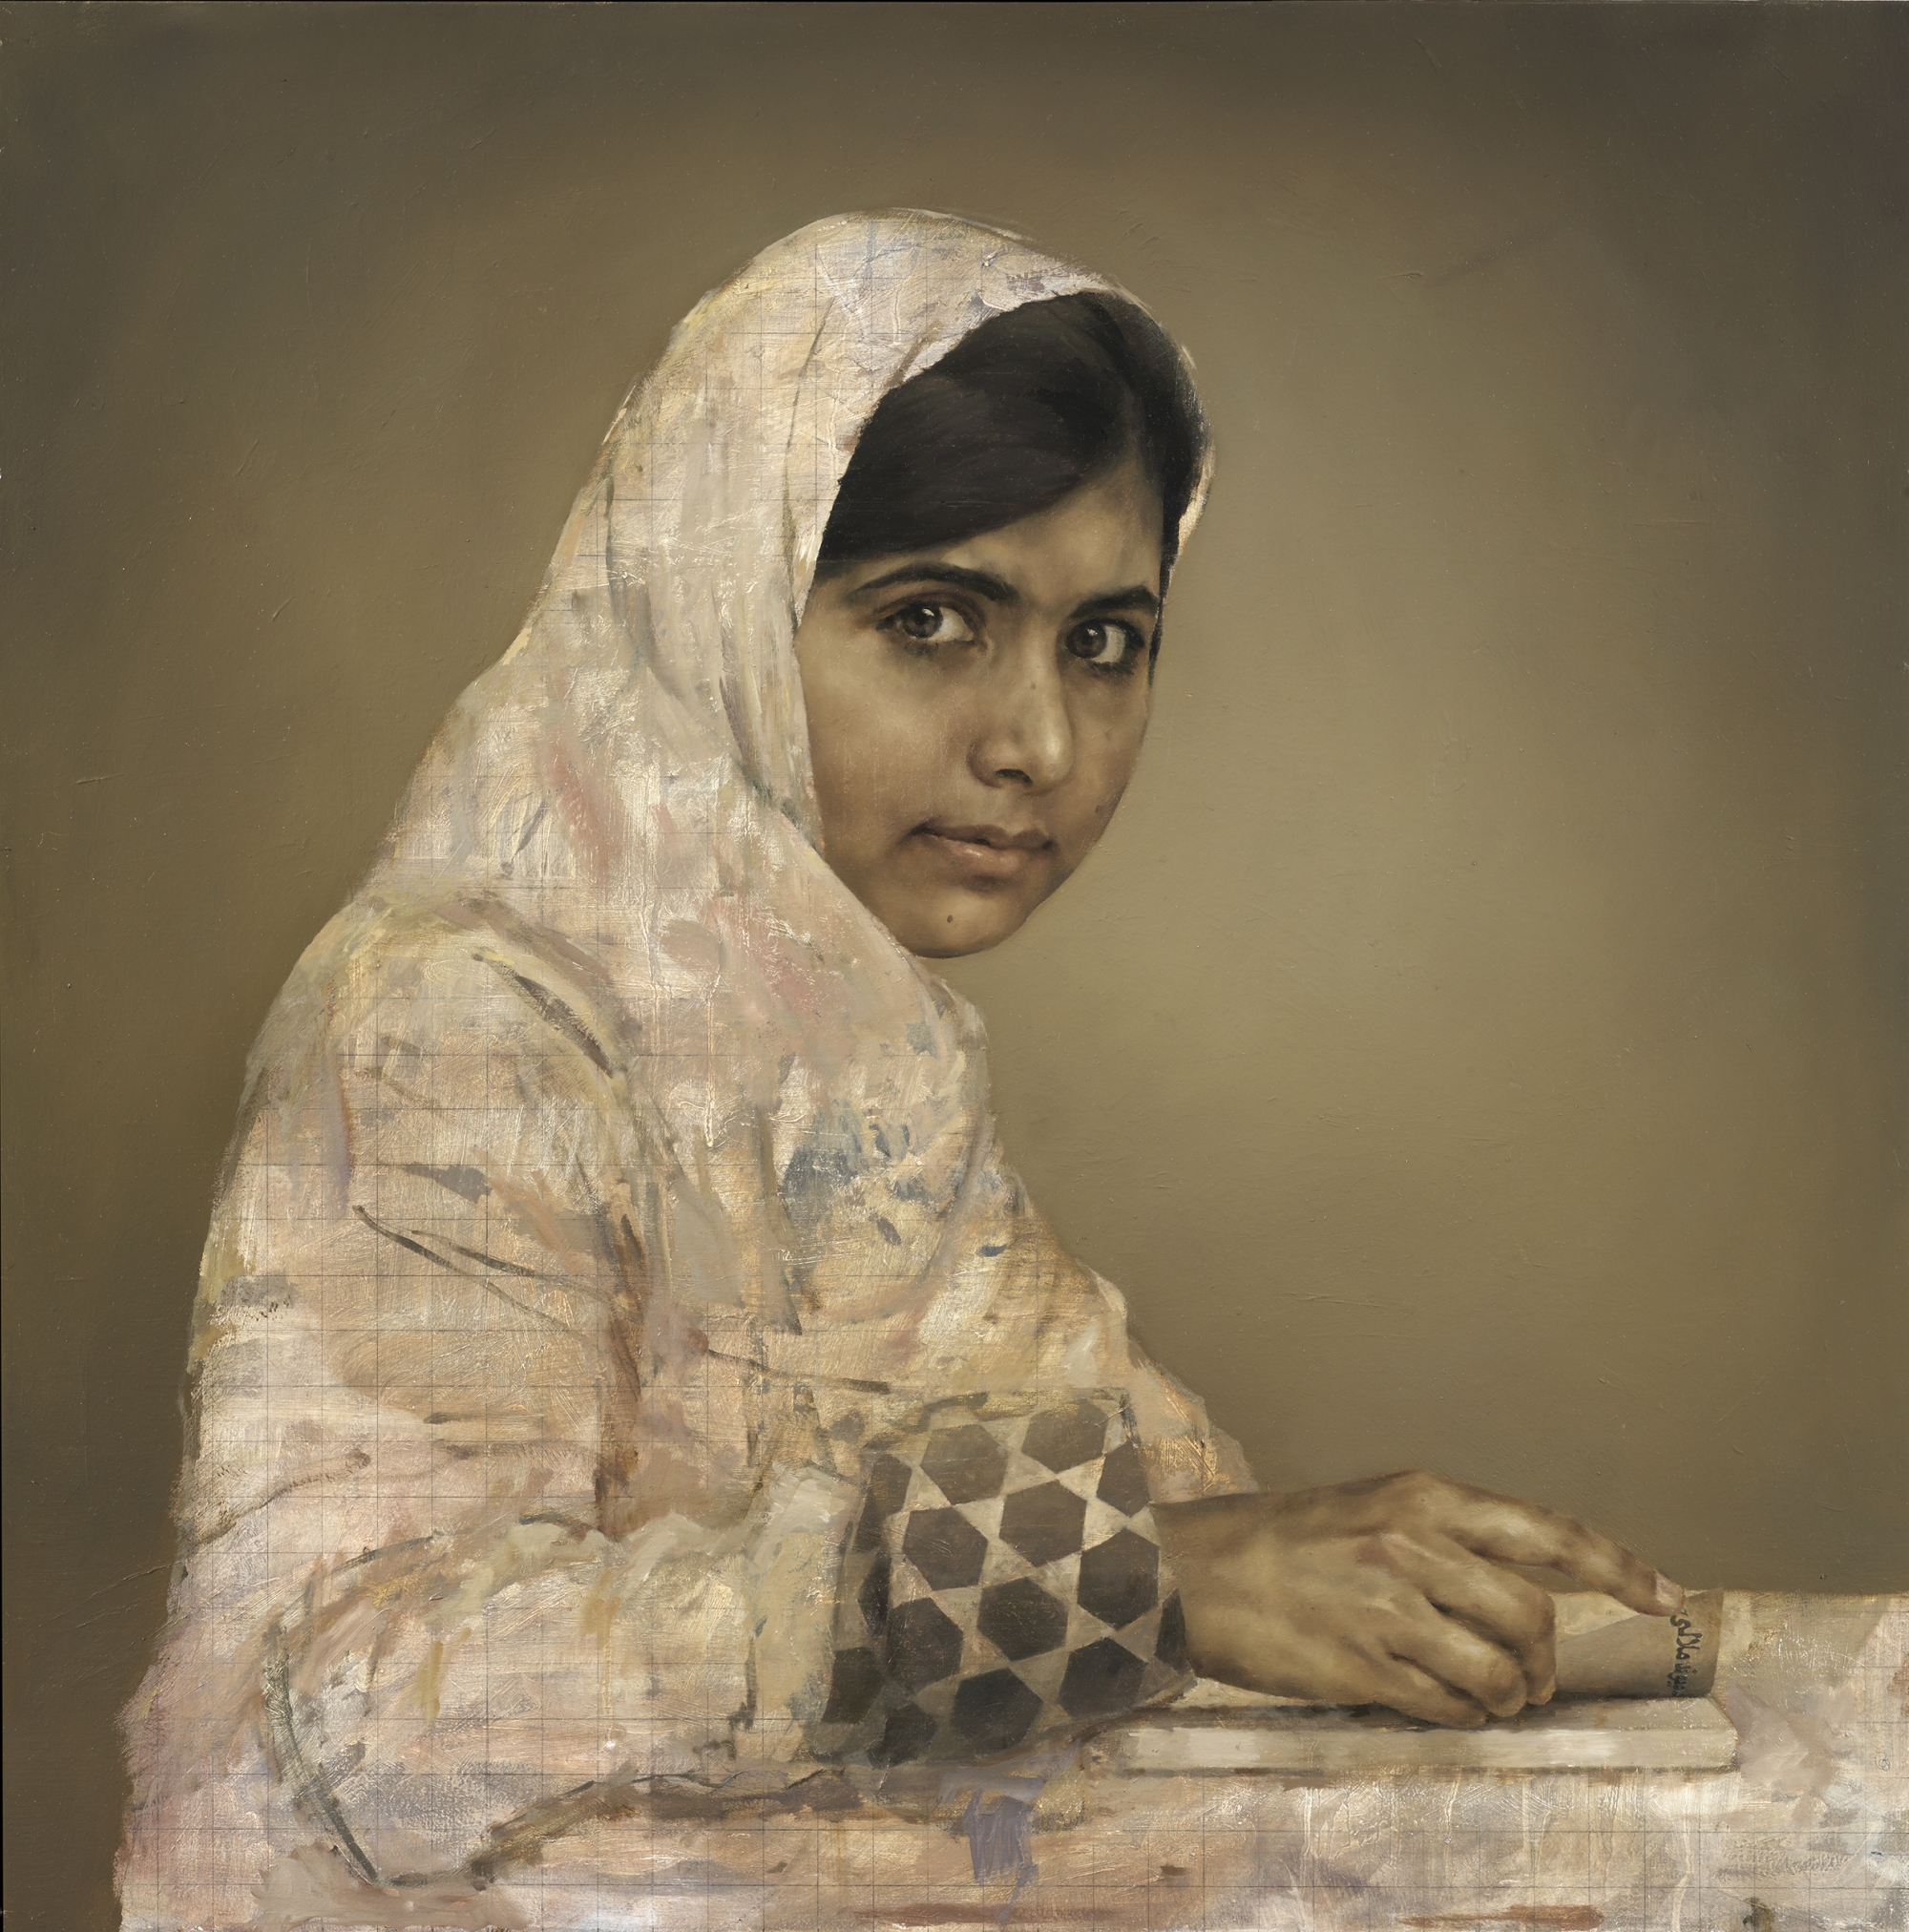 Malala_Yousafzai_2000_2024_s.jpg